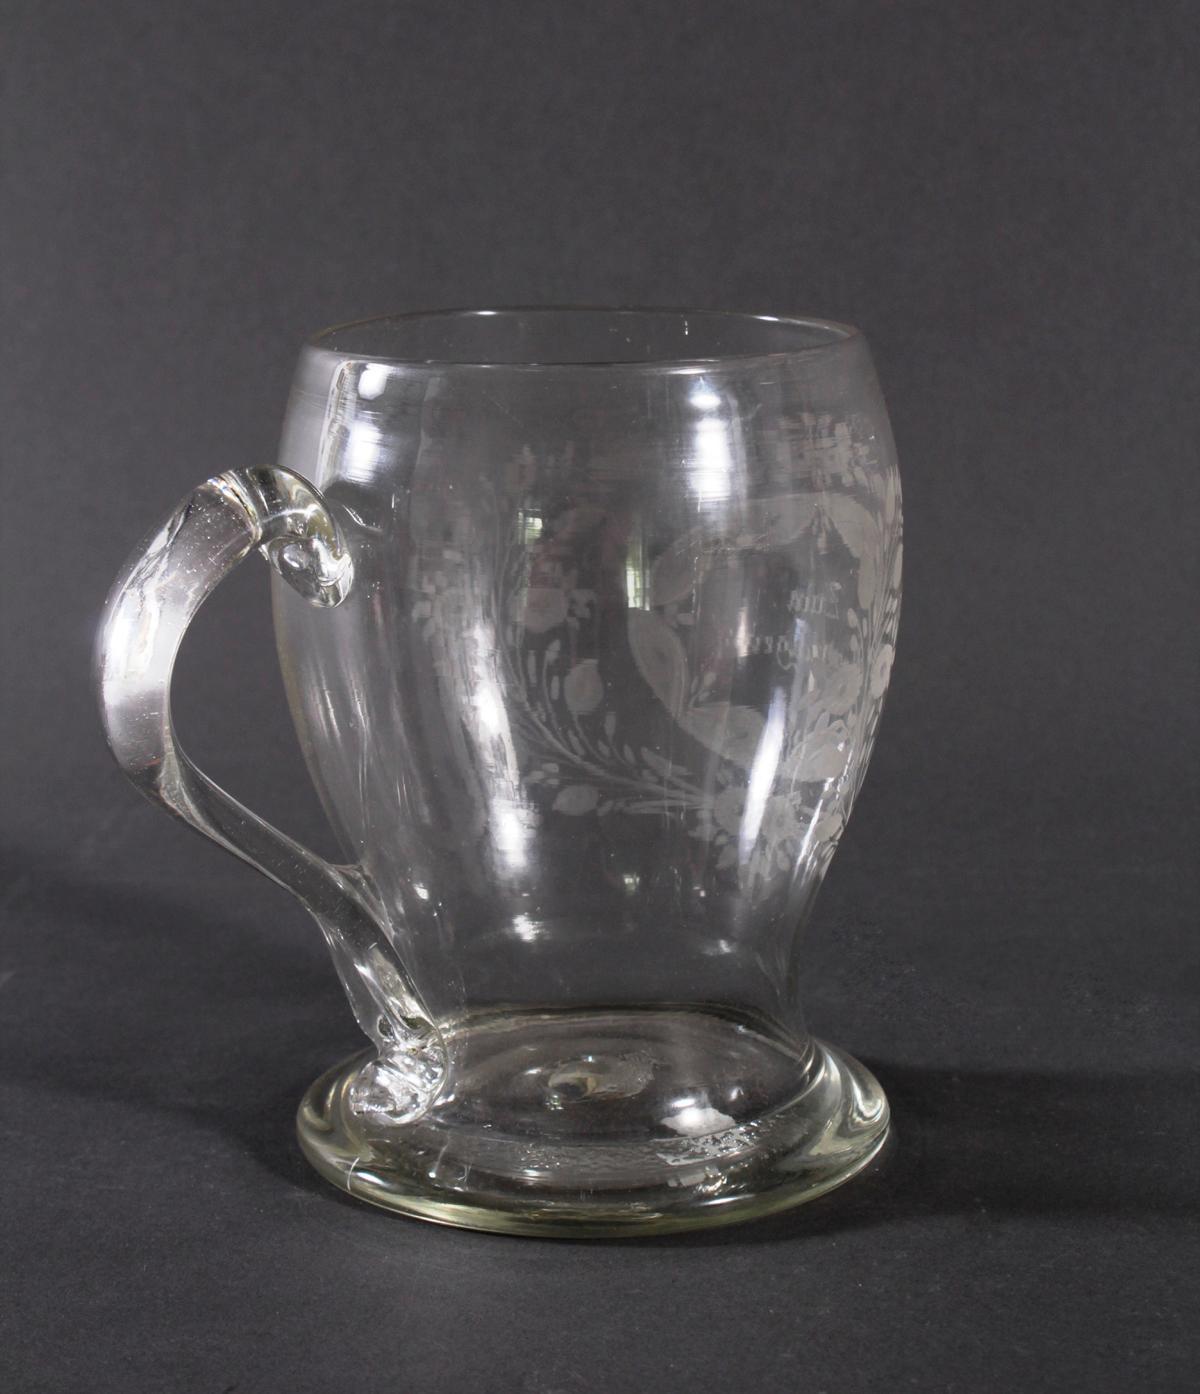 Glaskrug, um 1800-3